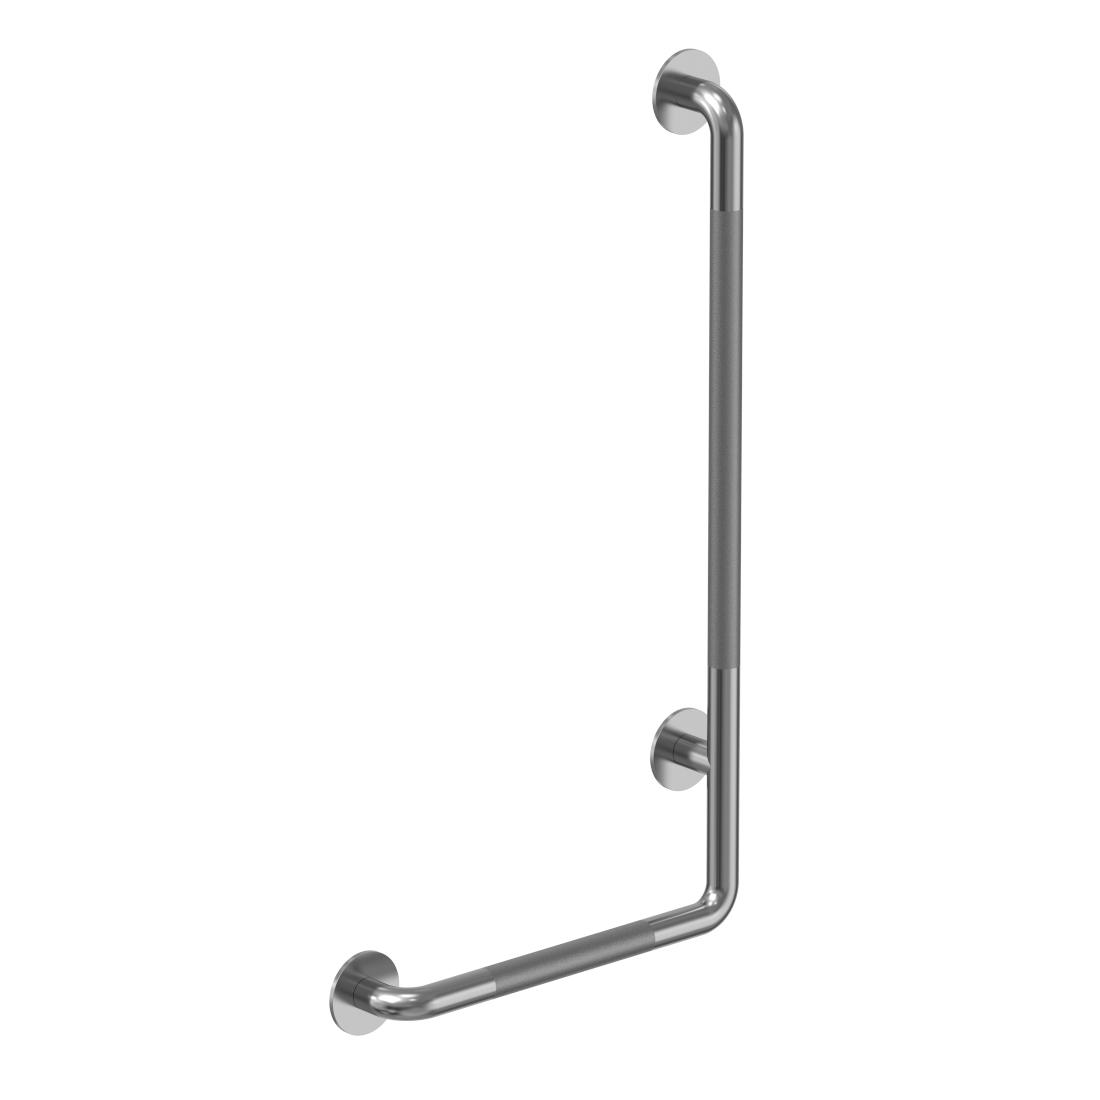 Angled Grab Bars